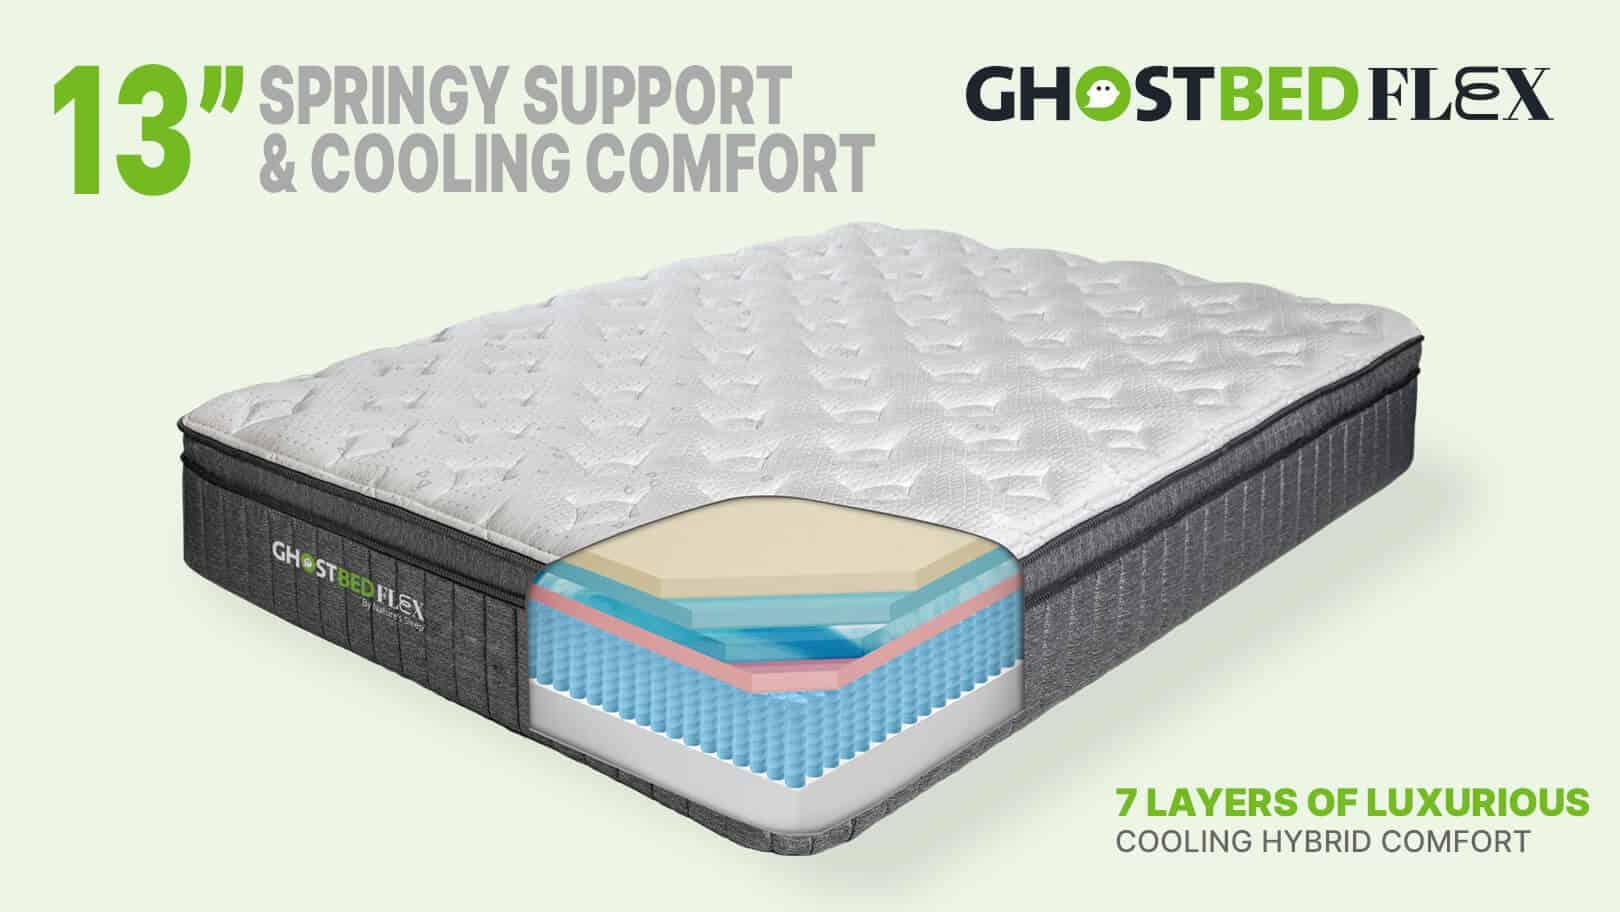 GhostBed Flex mattress